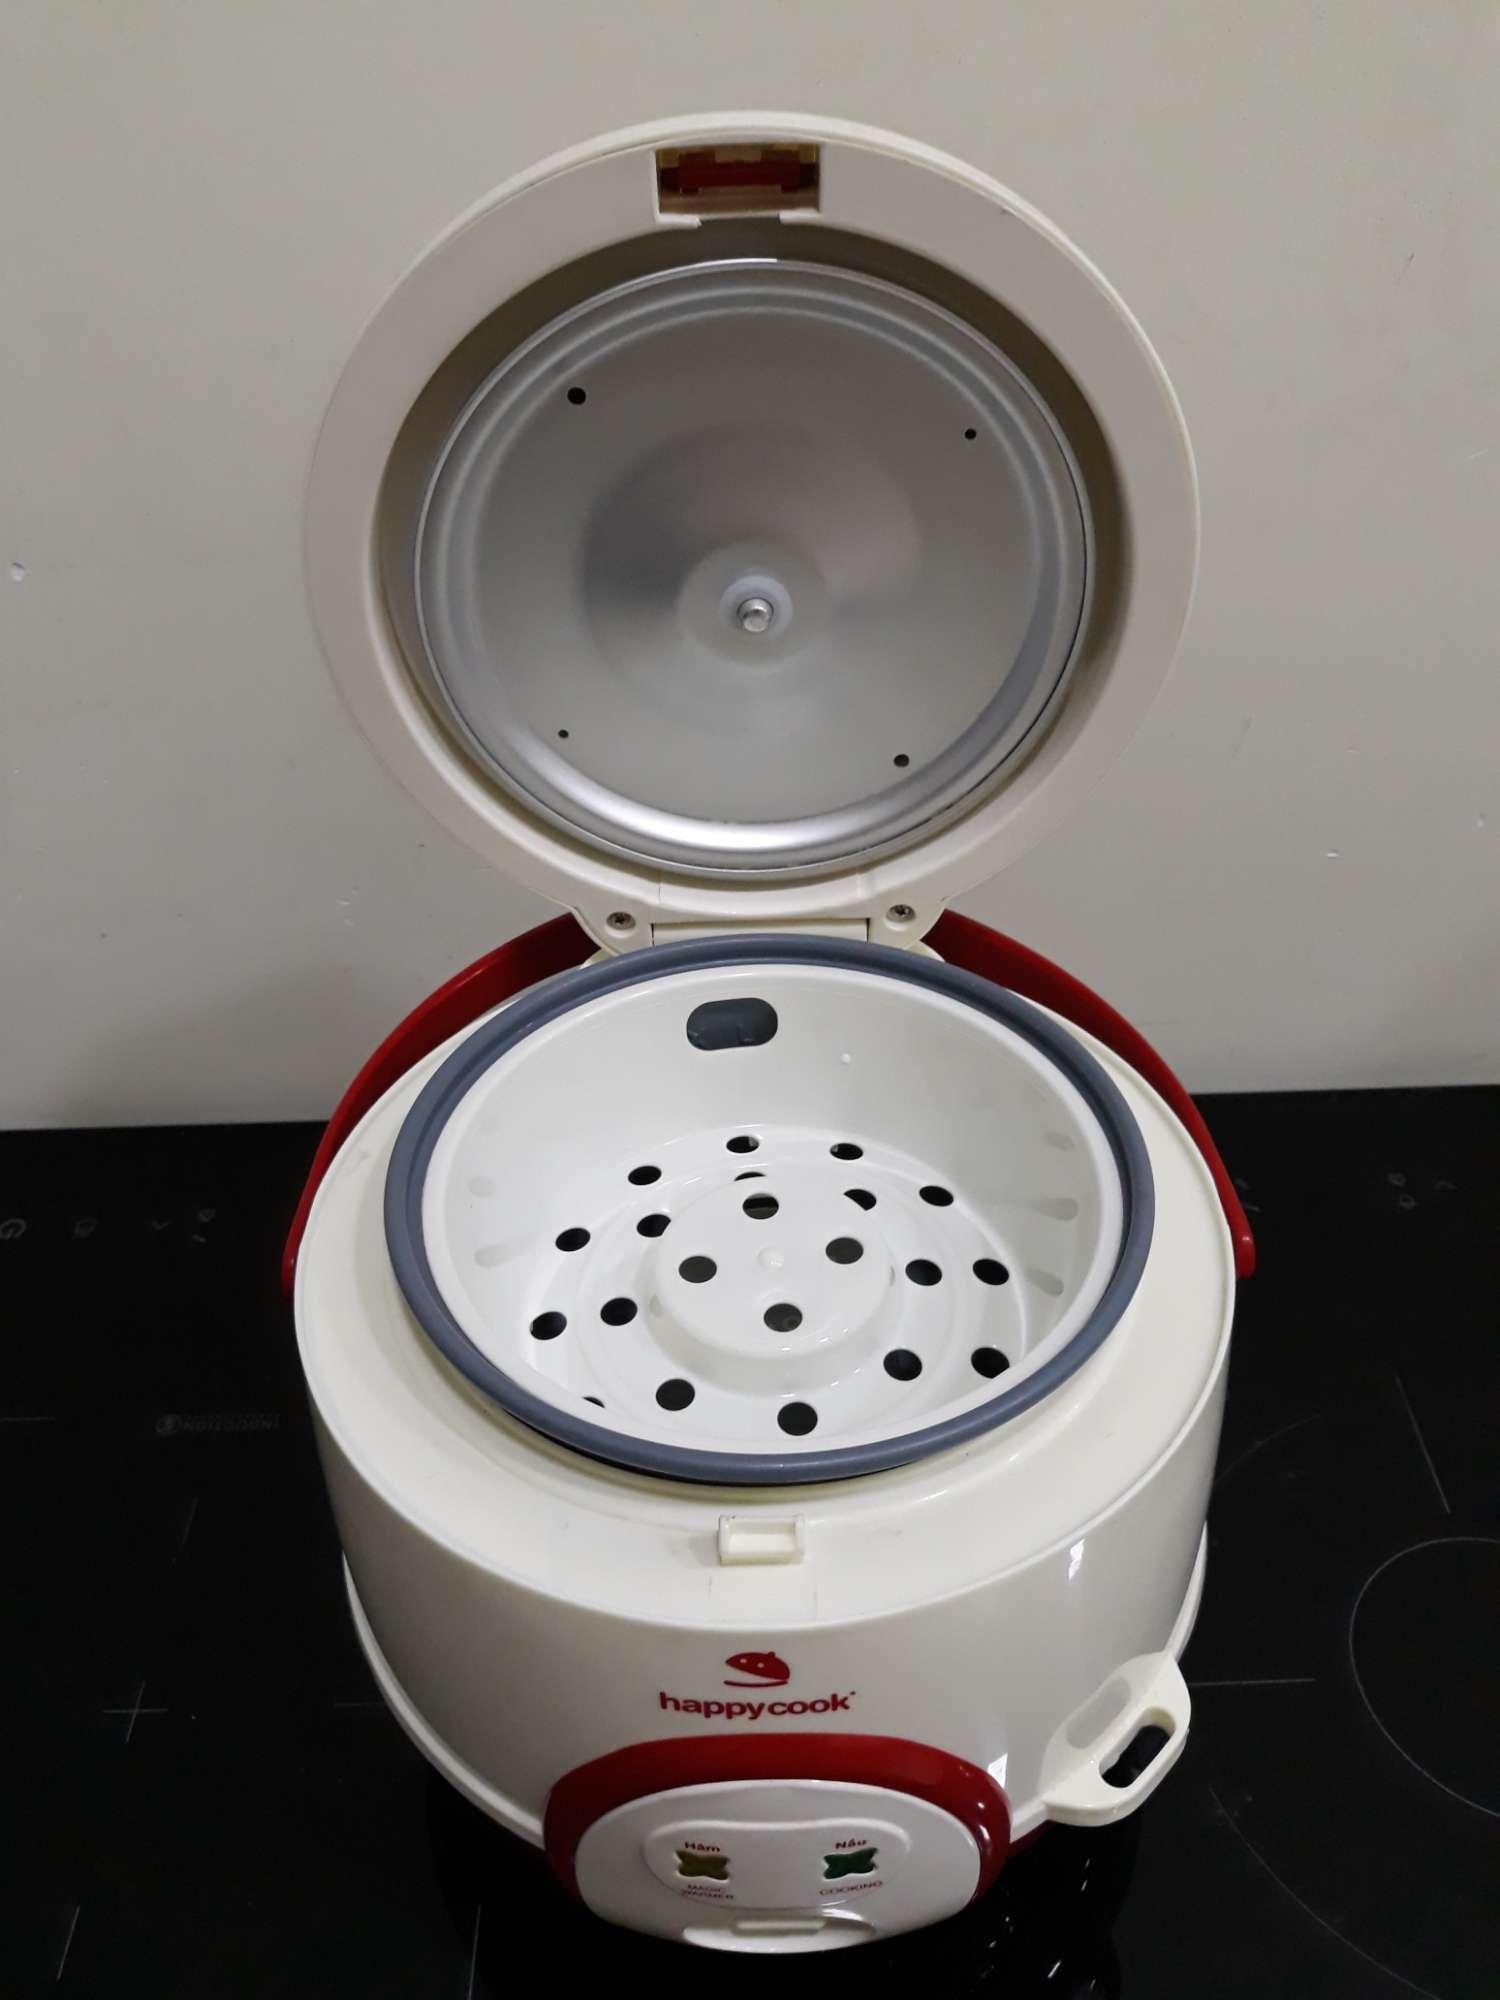 Nồi cơm điện Happycook 0.6 lít HC-60